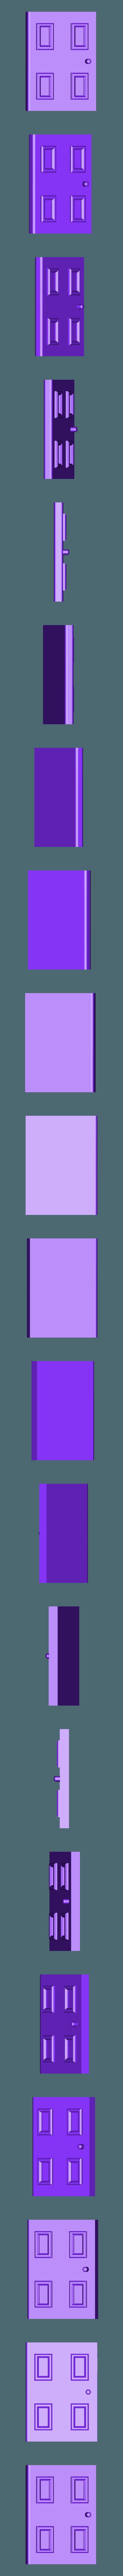 door_1.stl Download STL file SD card storage • 3D printing model, Florisam